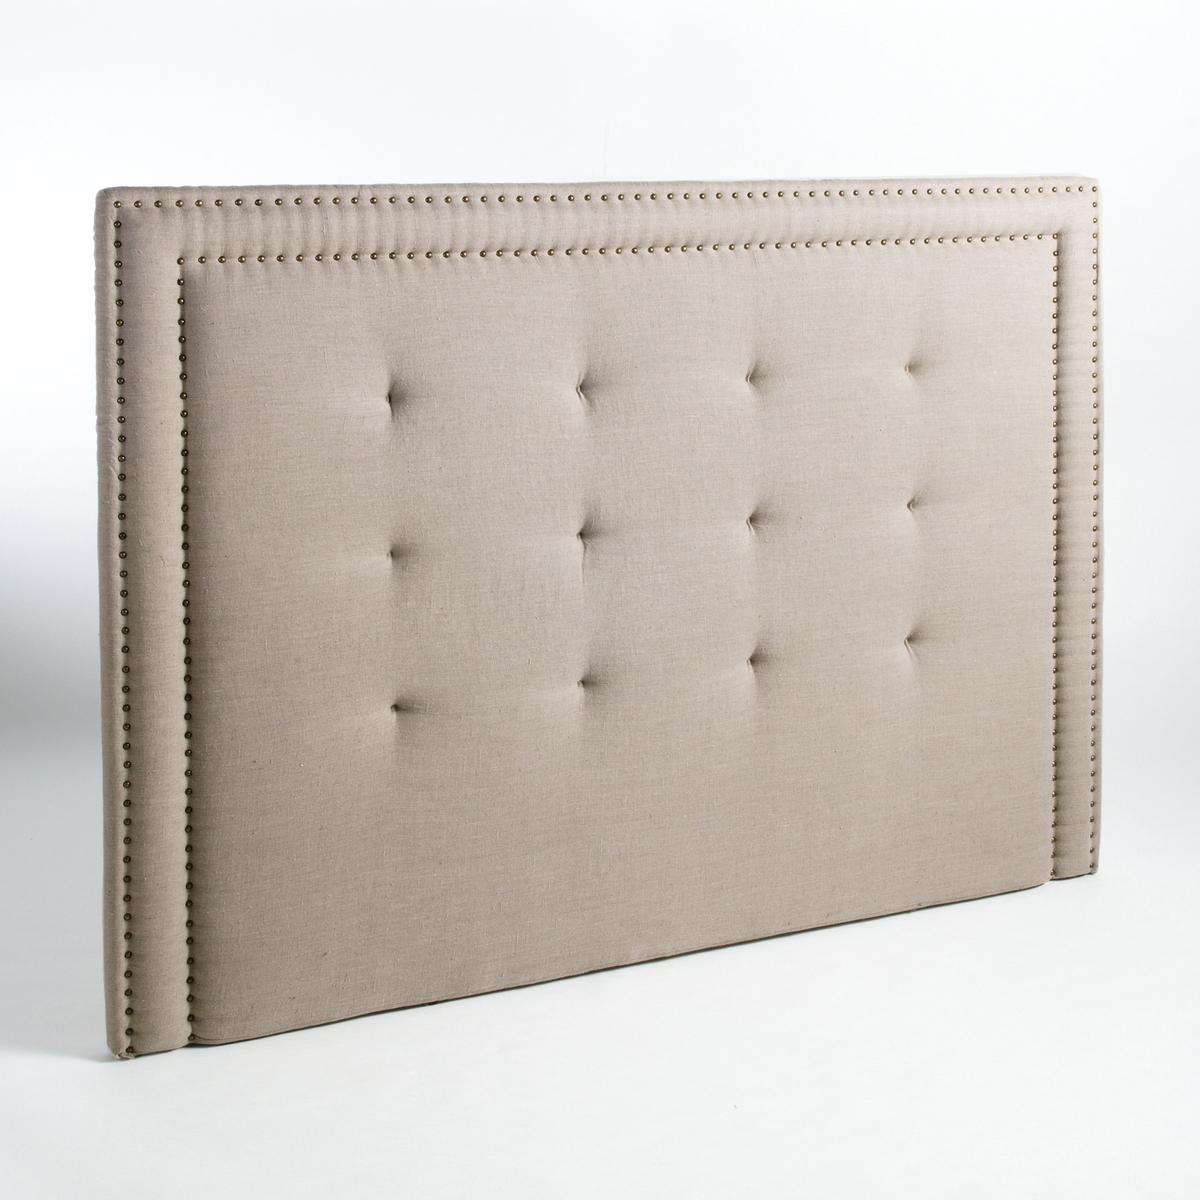 Изголовье кровати В.135 см, Hampstead, покрытие из 100% льна